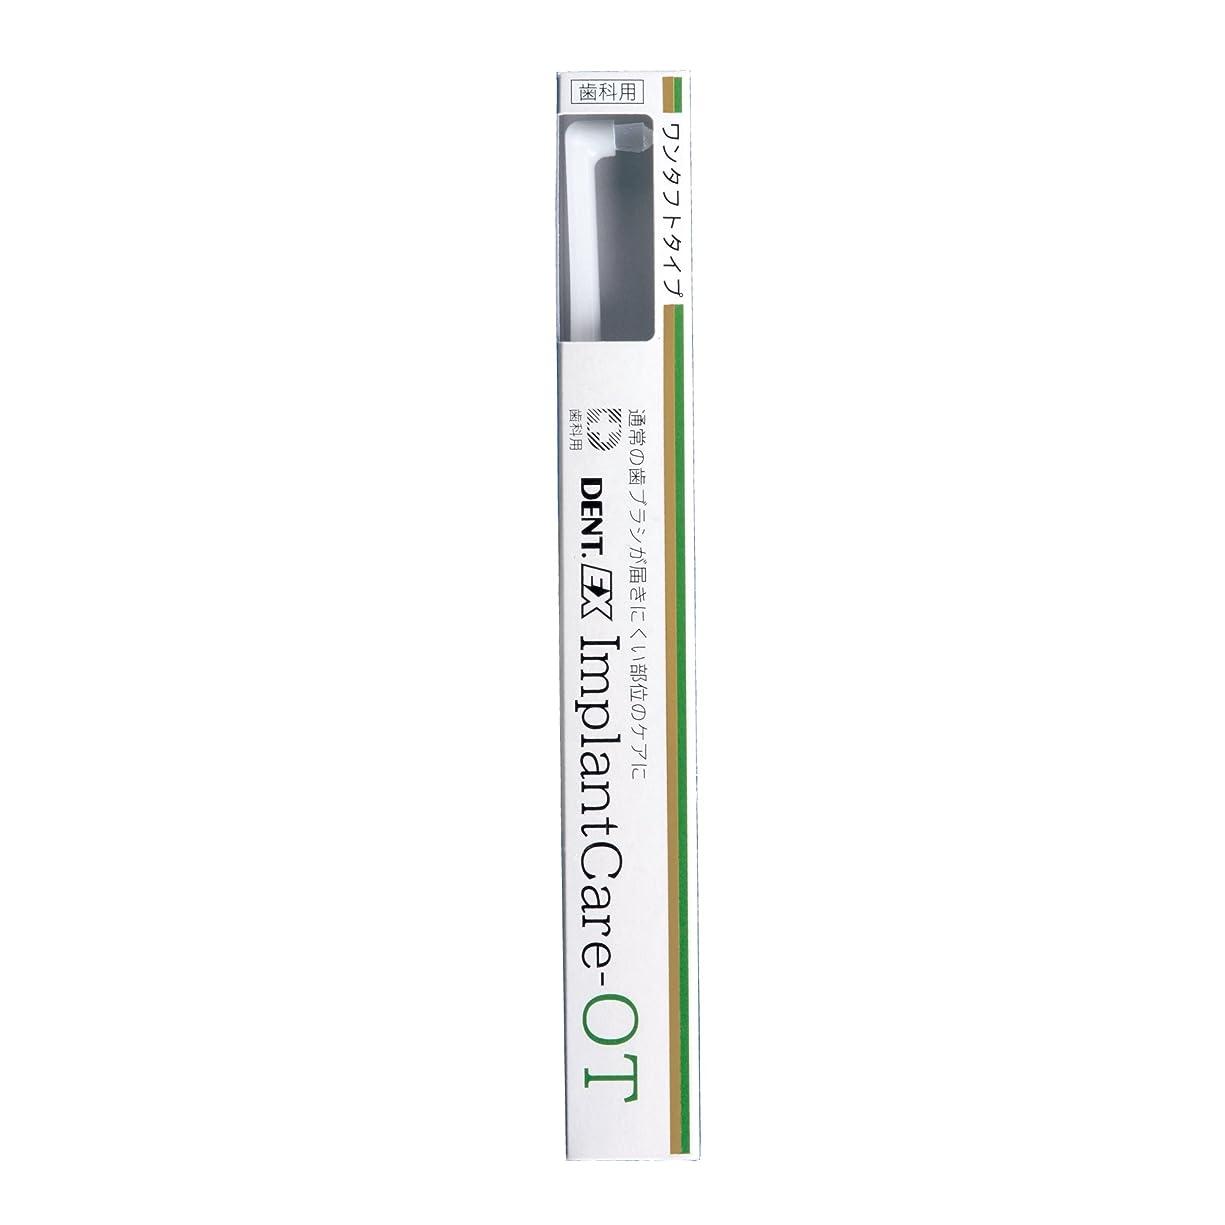 準備したエンコミウム警戒ライオン歯科材 デント EX インプラントケア OT 1本入 4903301088639